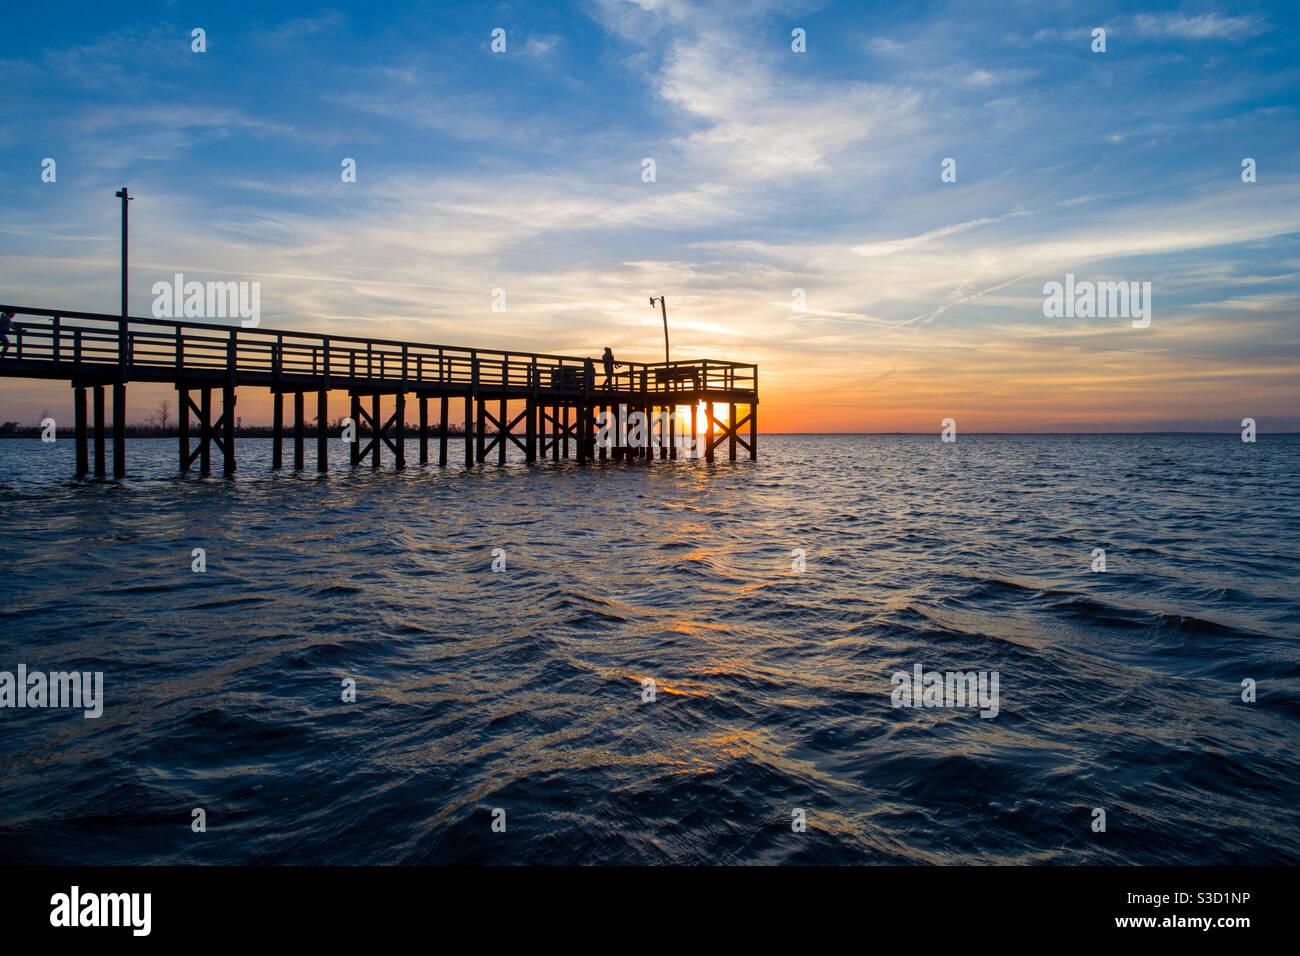 Molo al tramonto nel gennaio 2021 Foto Stock